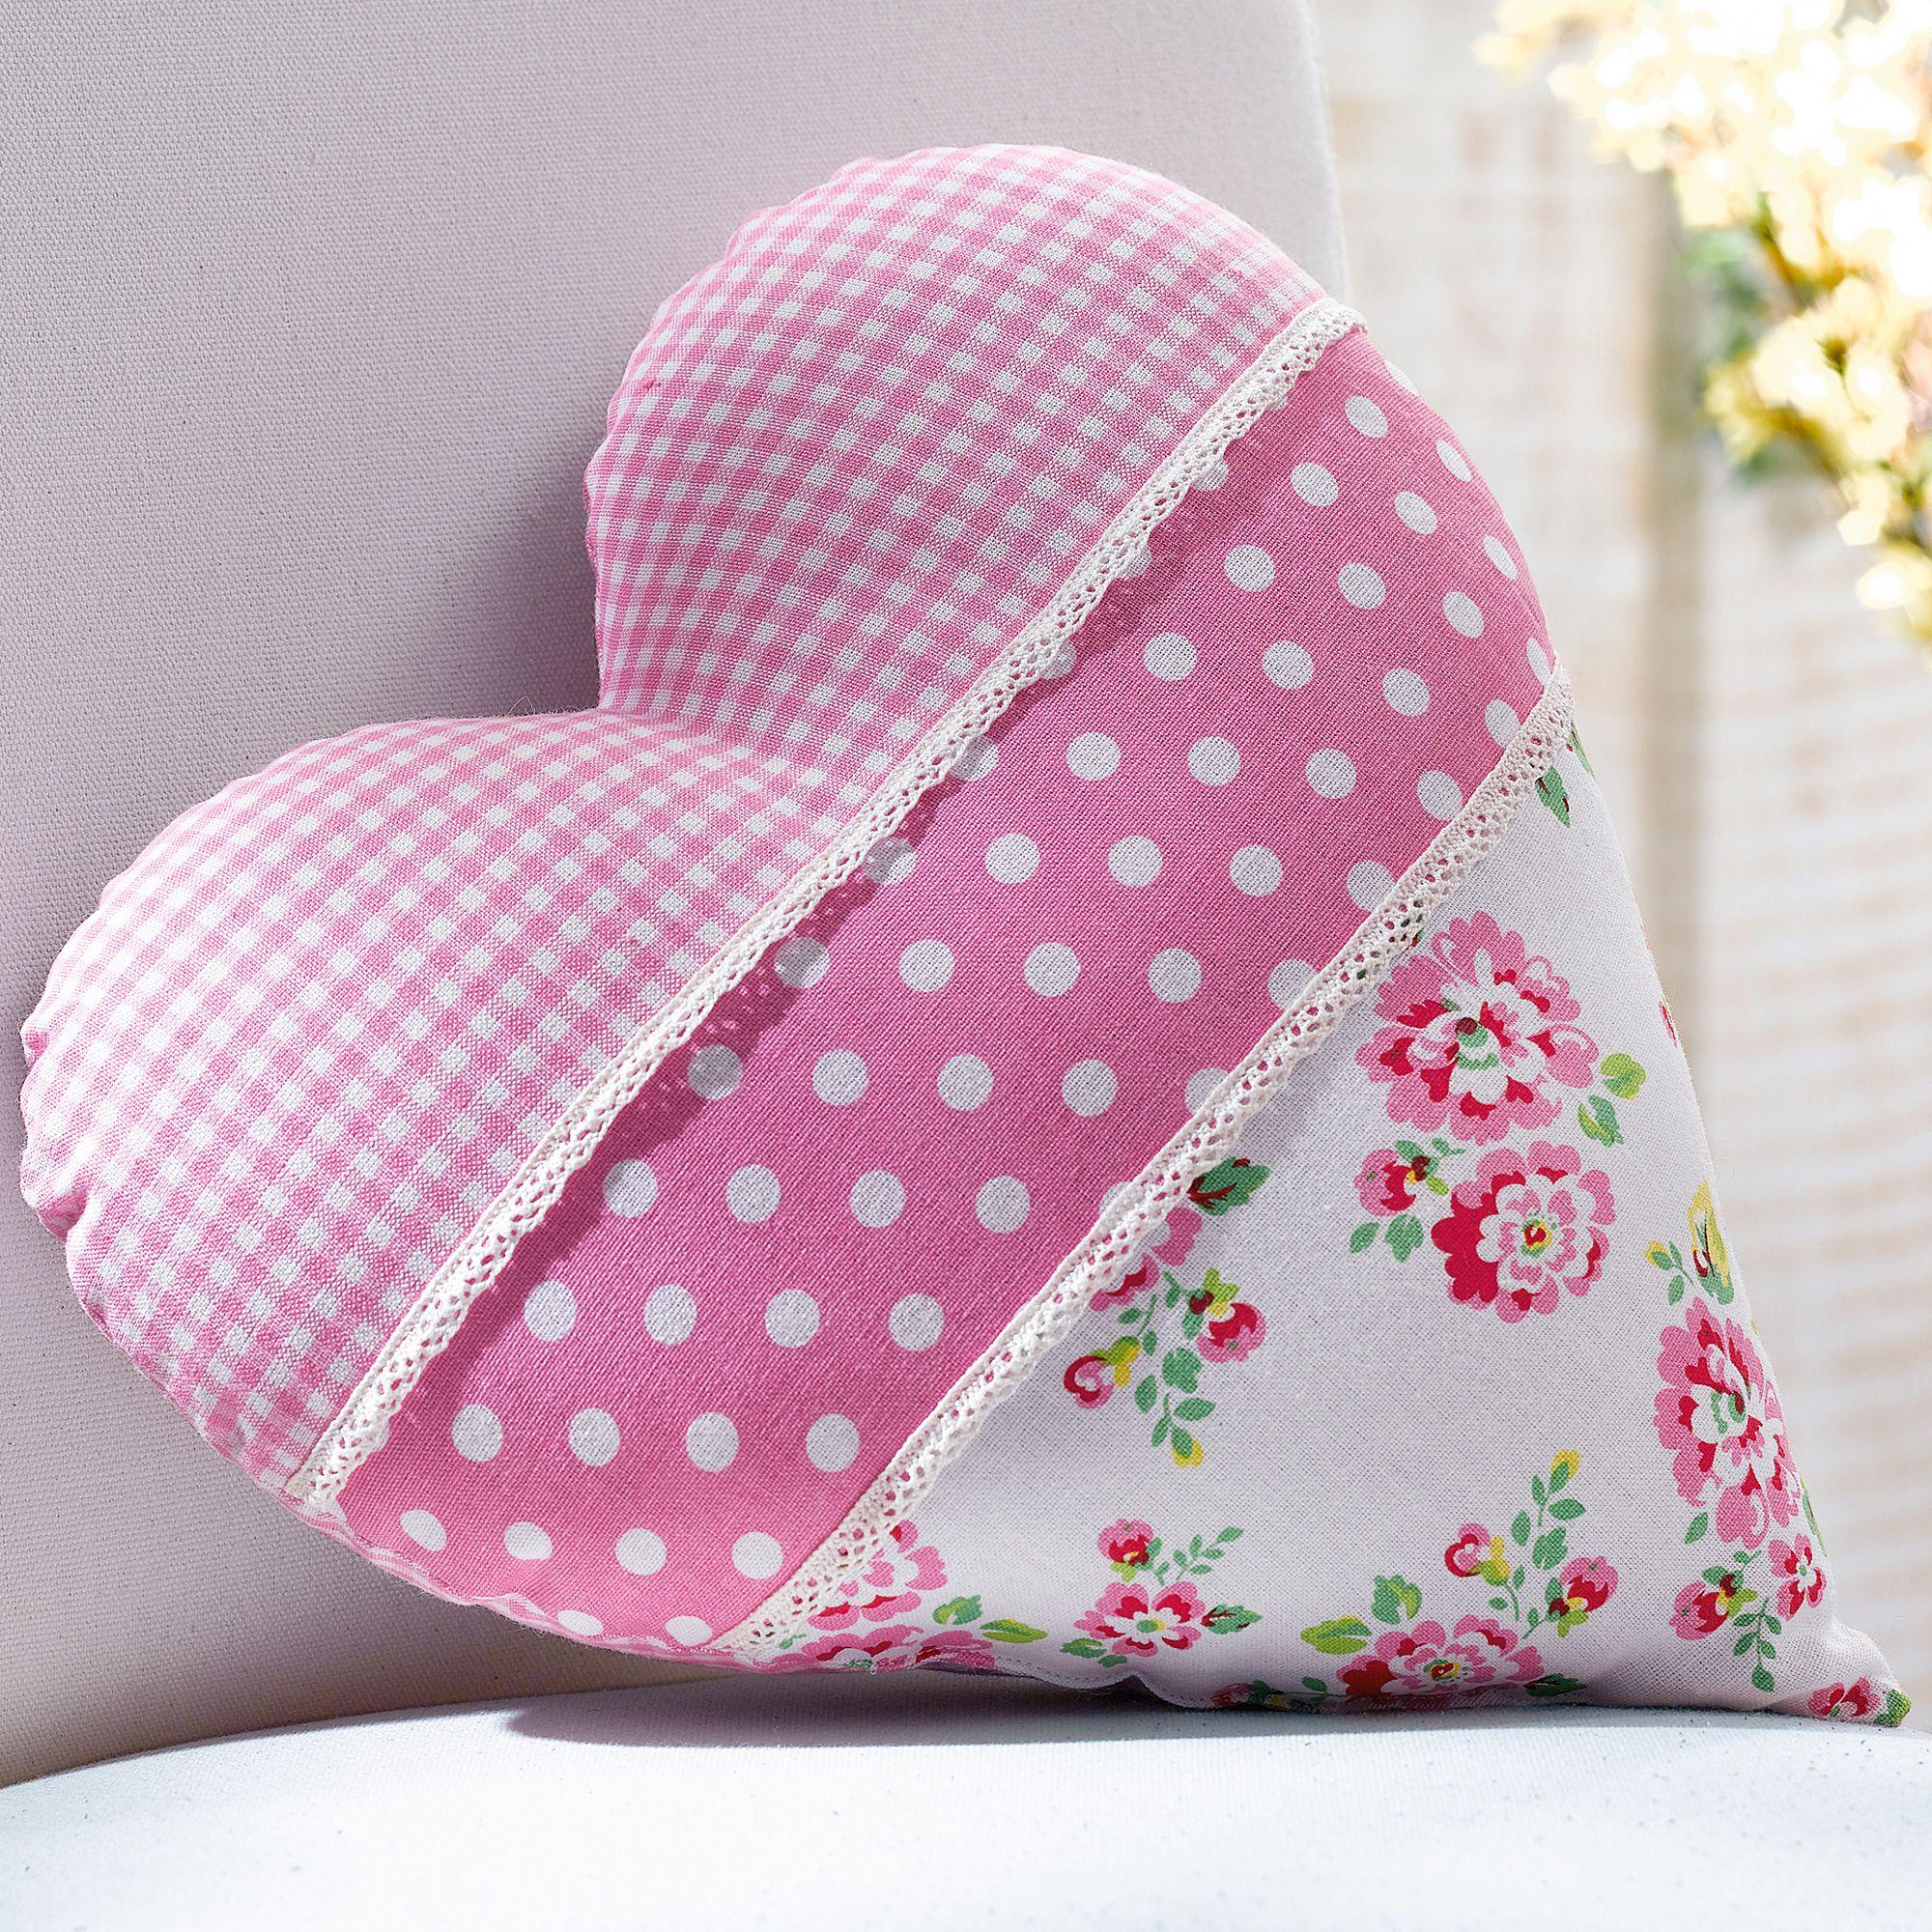 Heart pillows almohadn corazn tricolor pillows heart pillows almohadn corazn tricolor bankloansurffo Gallery